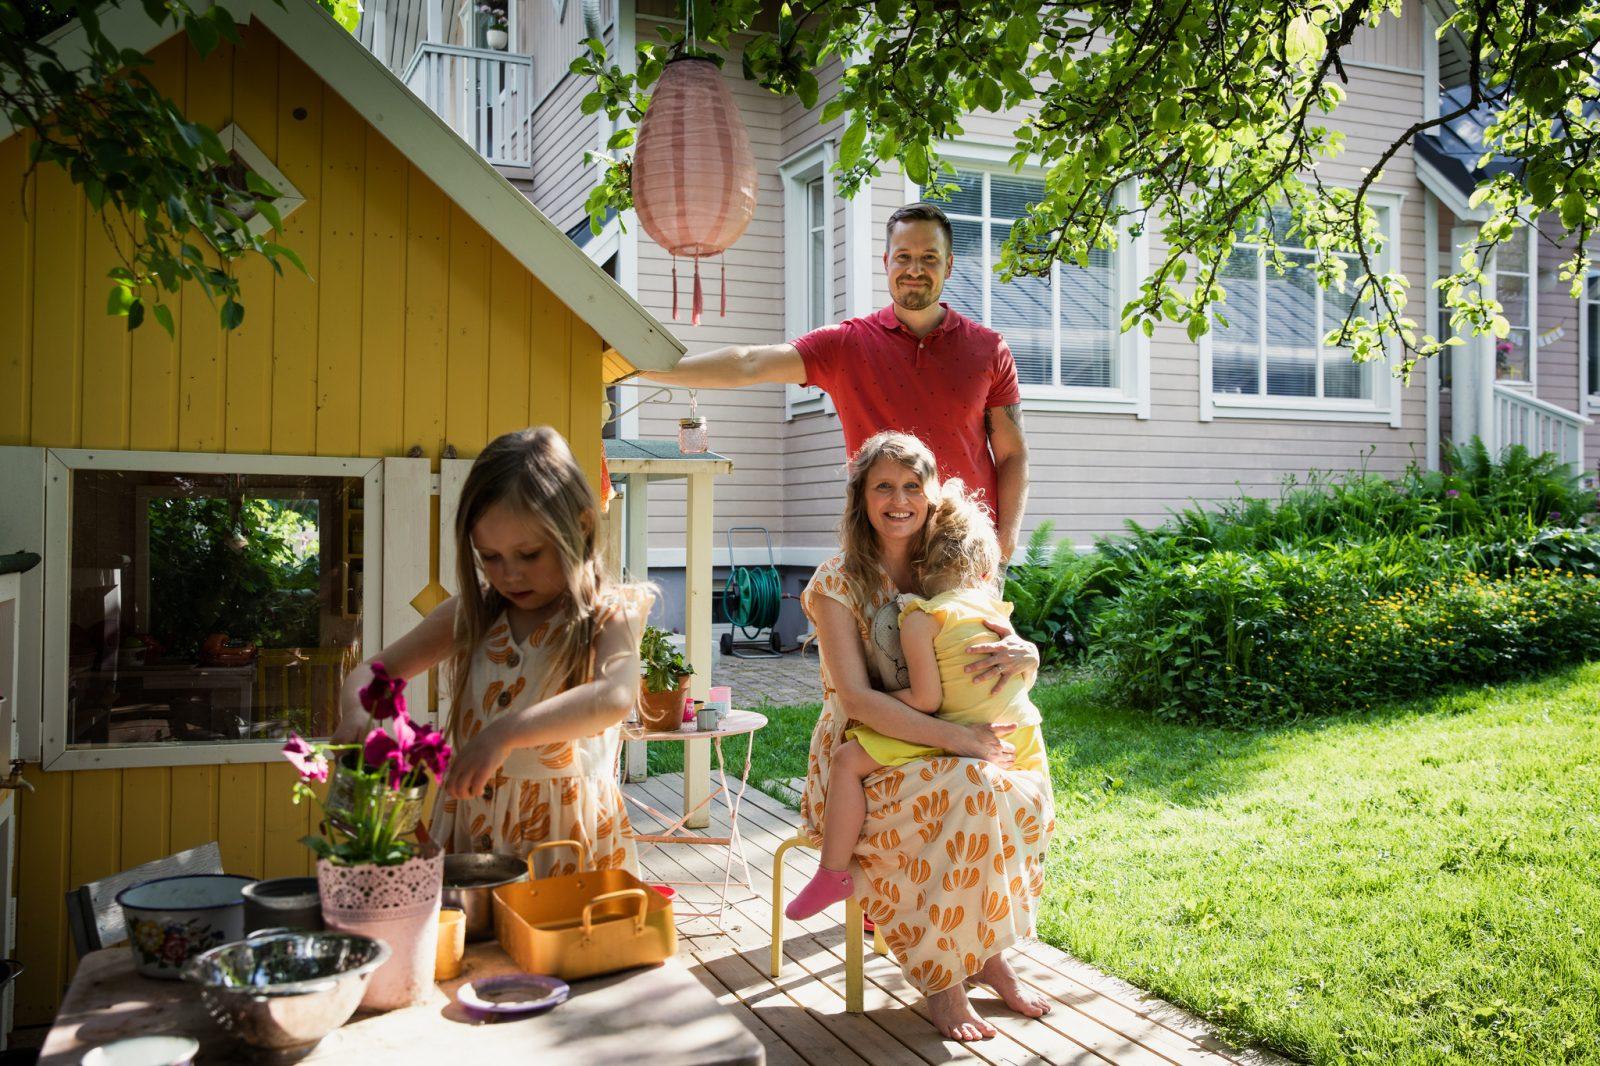 Anttilanmäen asuinalueella on viehättäviä koteja